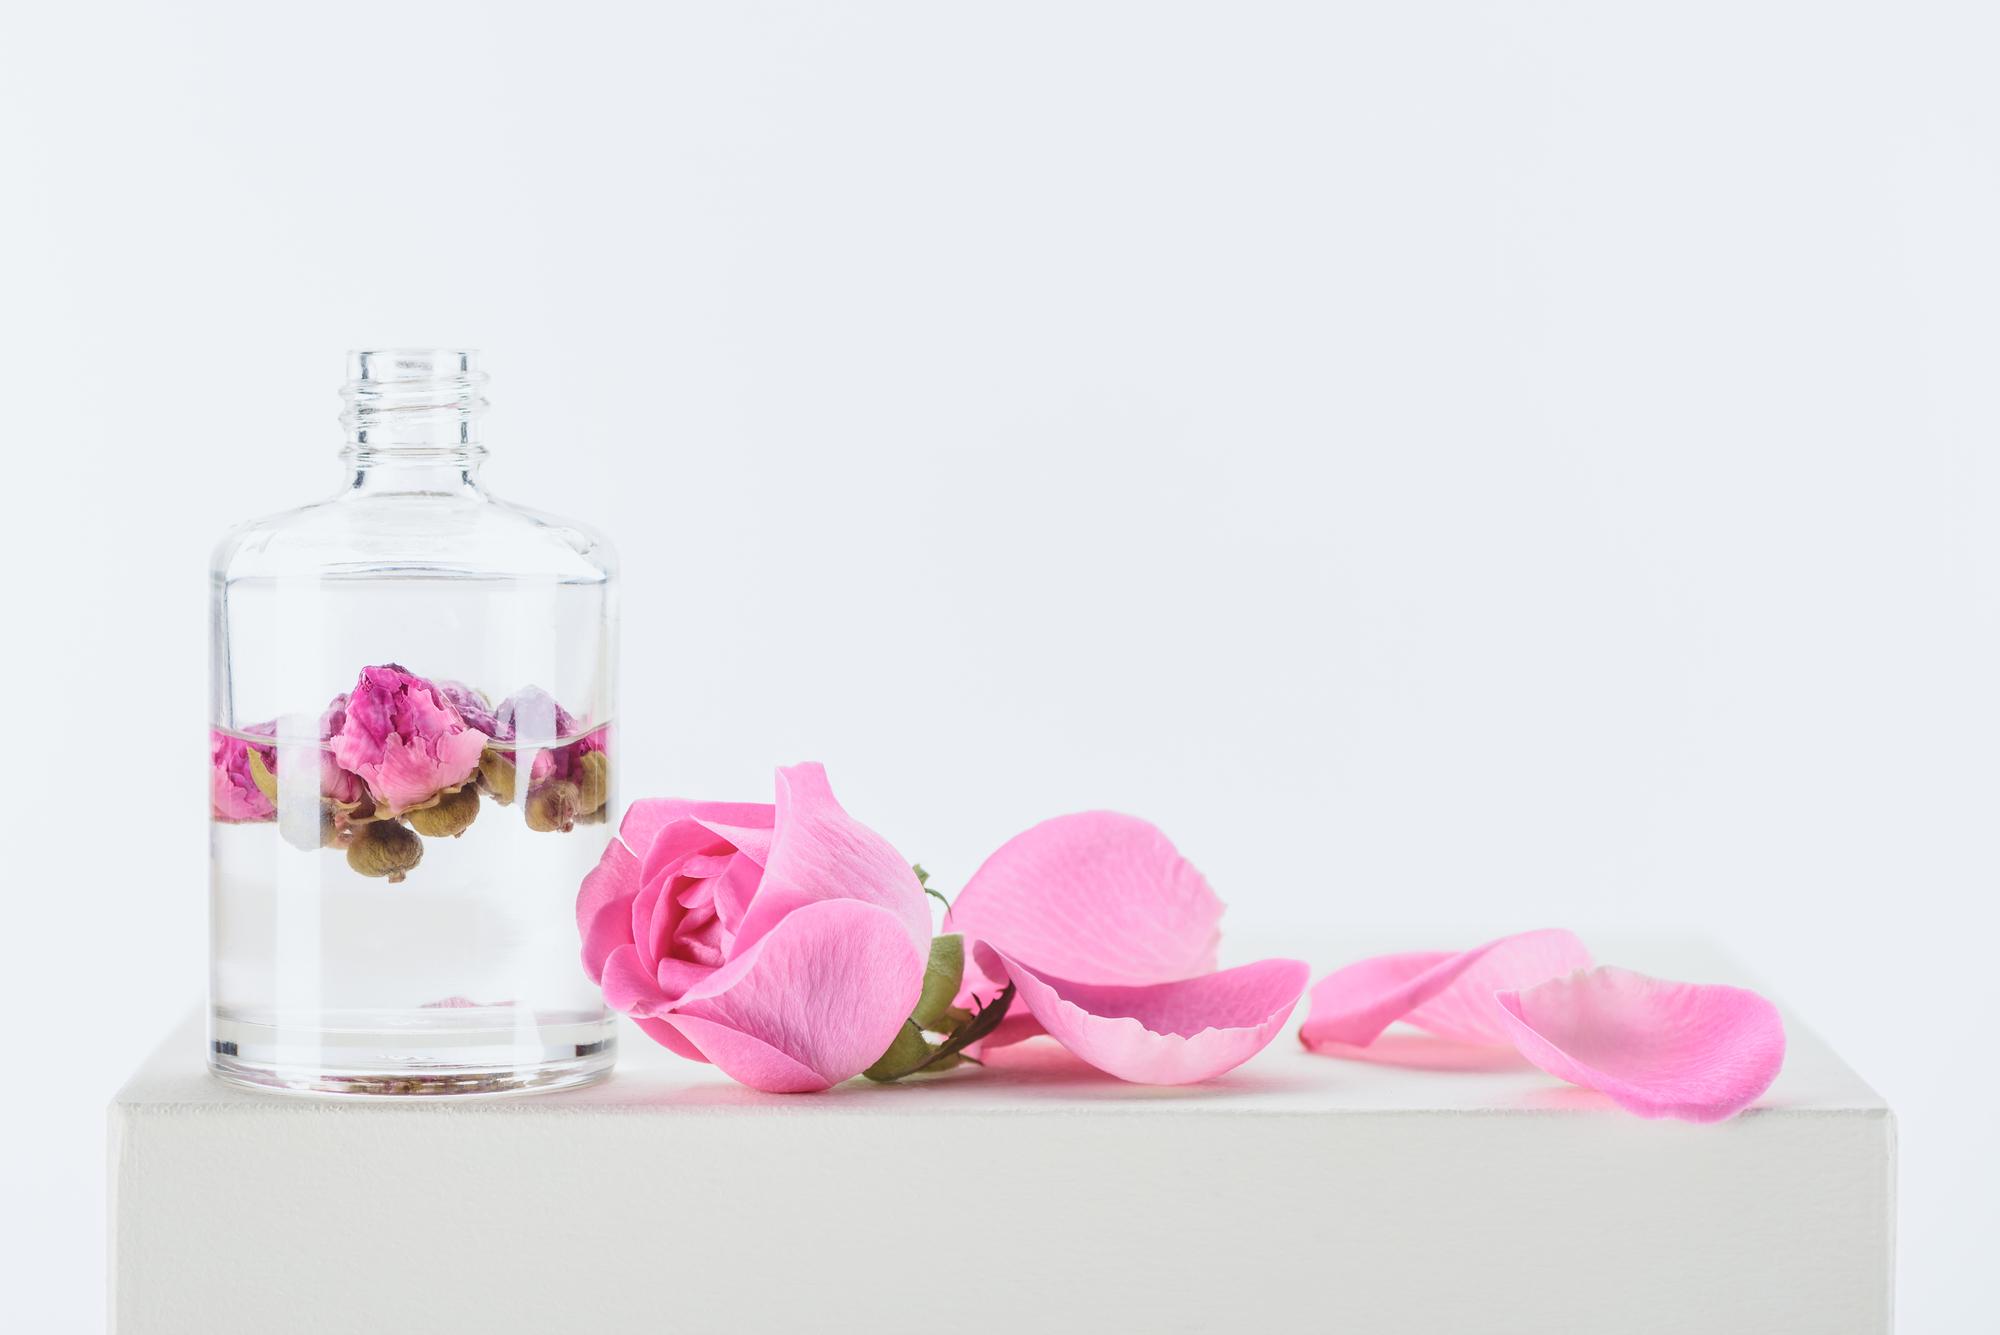 Hervorragend Rosenwasser: 8 Wirkungen + 4 Tipps zur Anwendung » gesundfit.de XE16